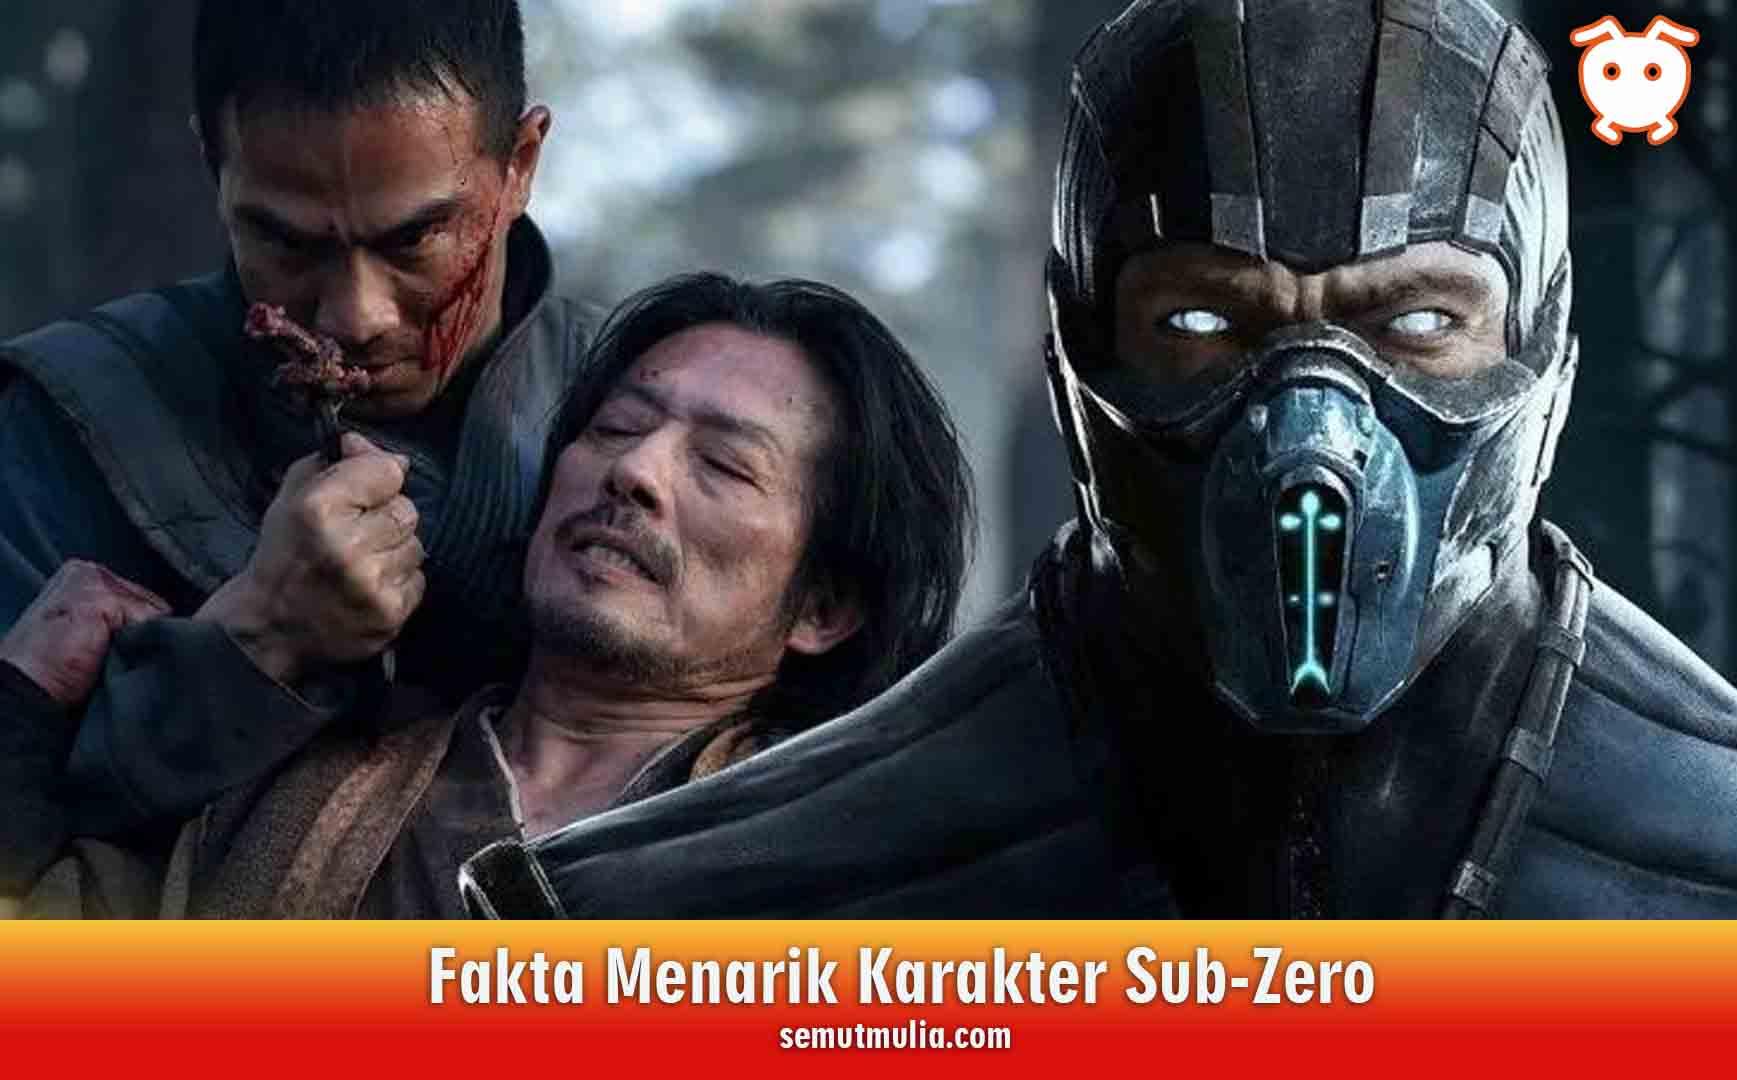 Fakta Menarik Karakter Sub-Zero